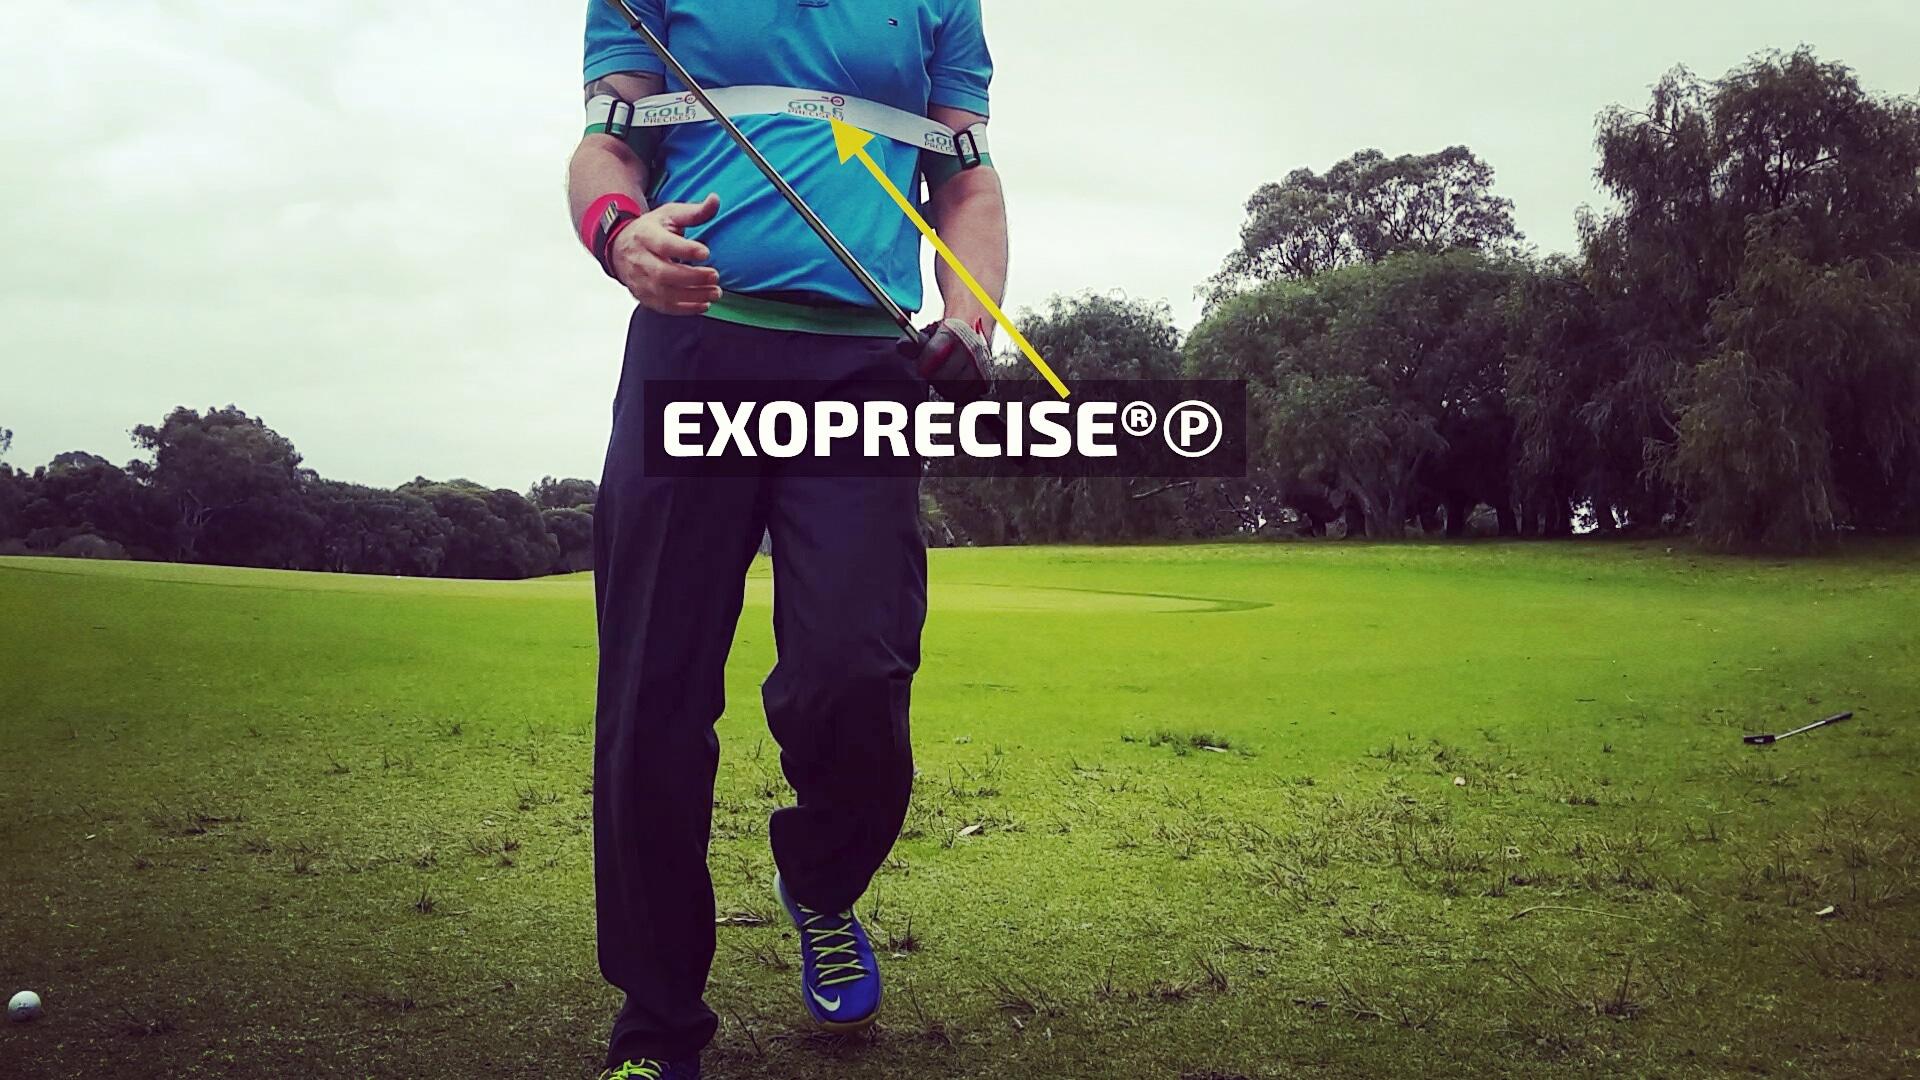 Exoprecise 2